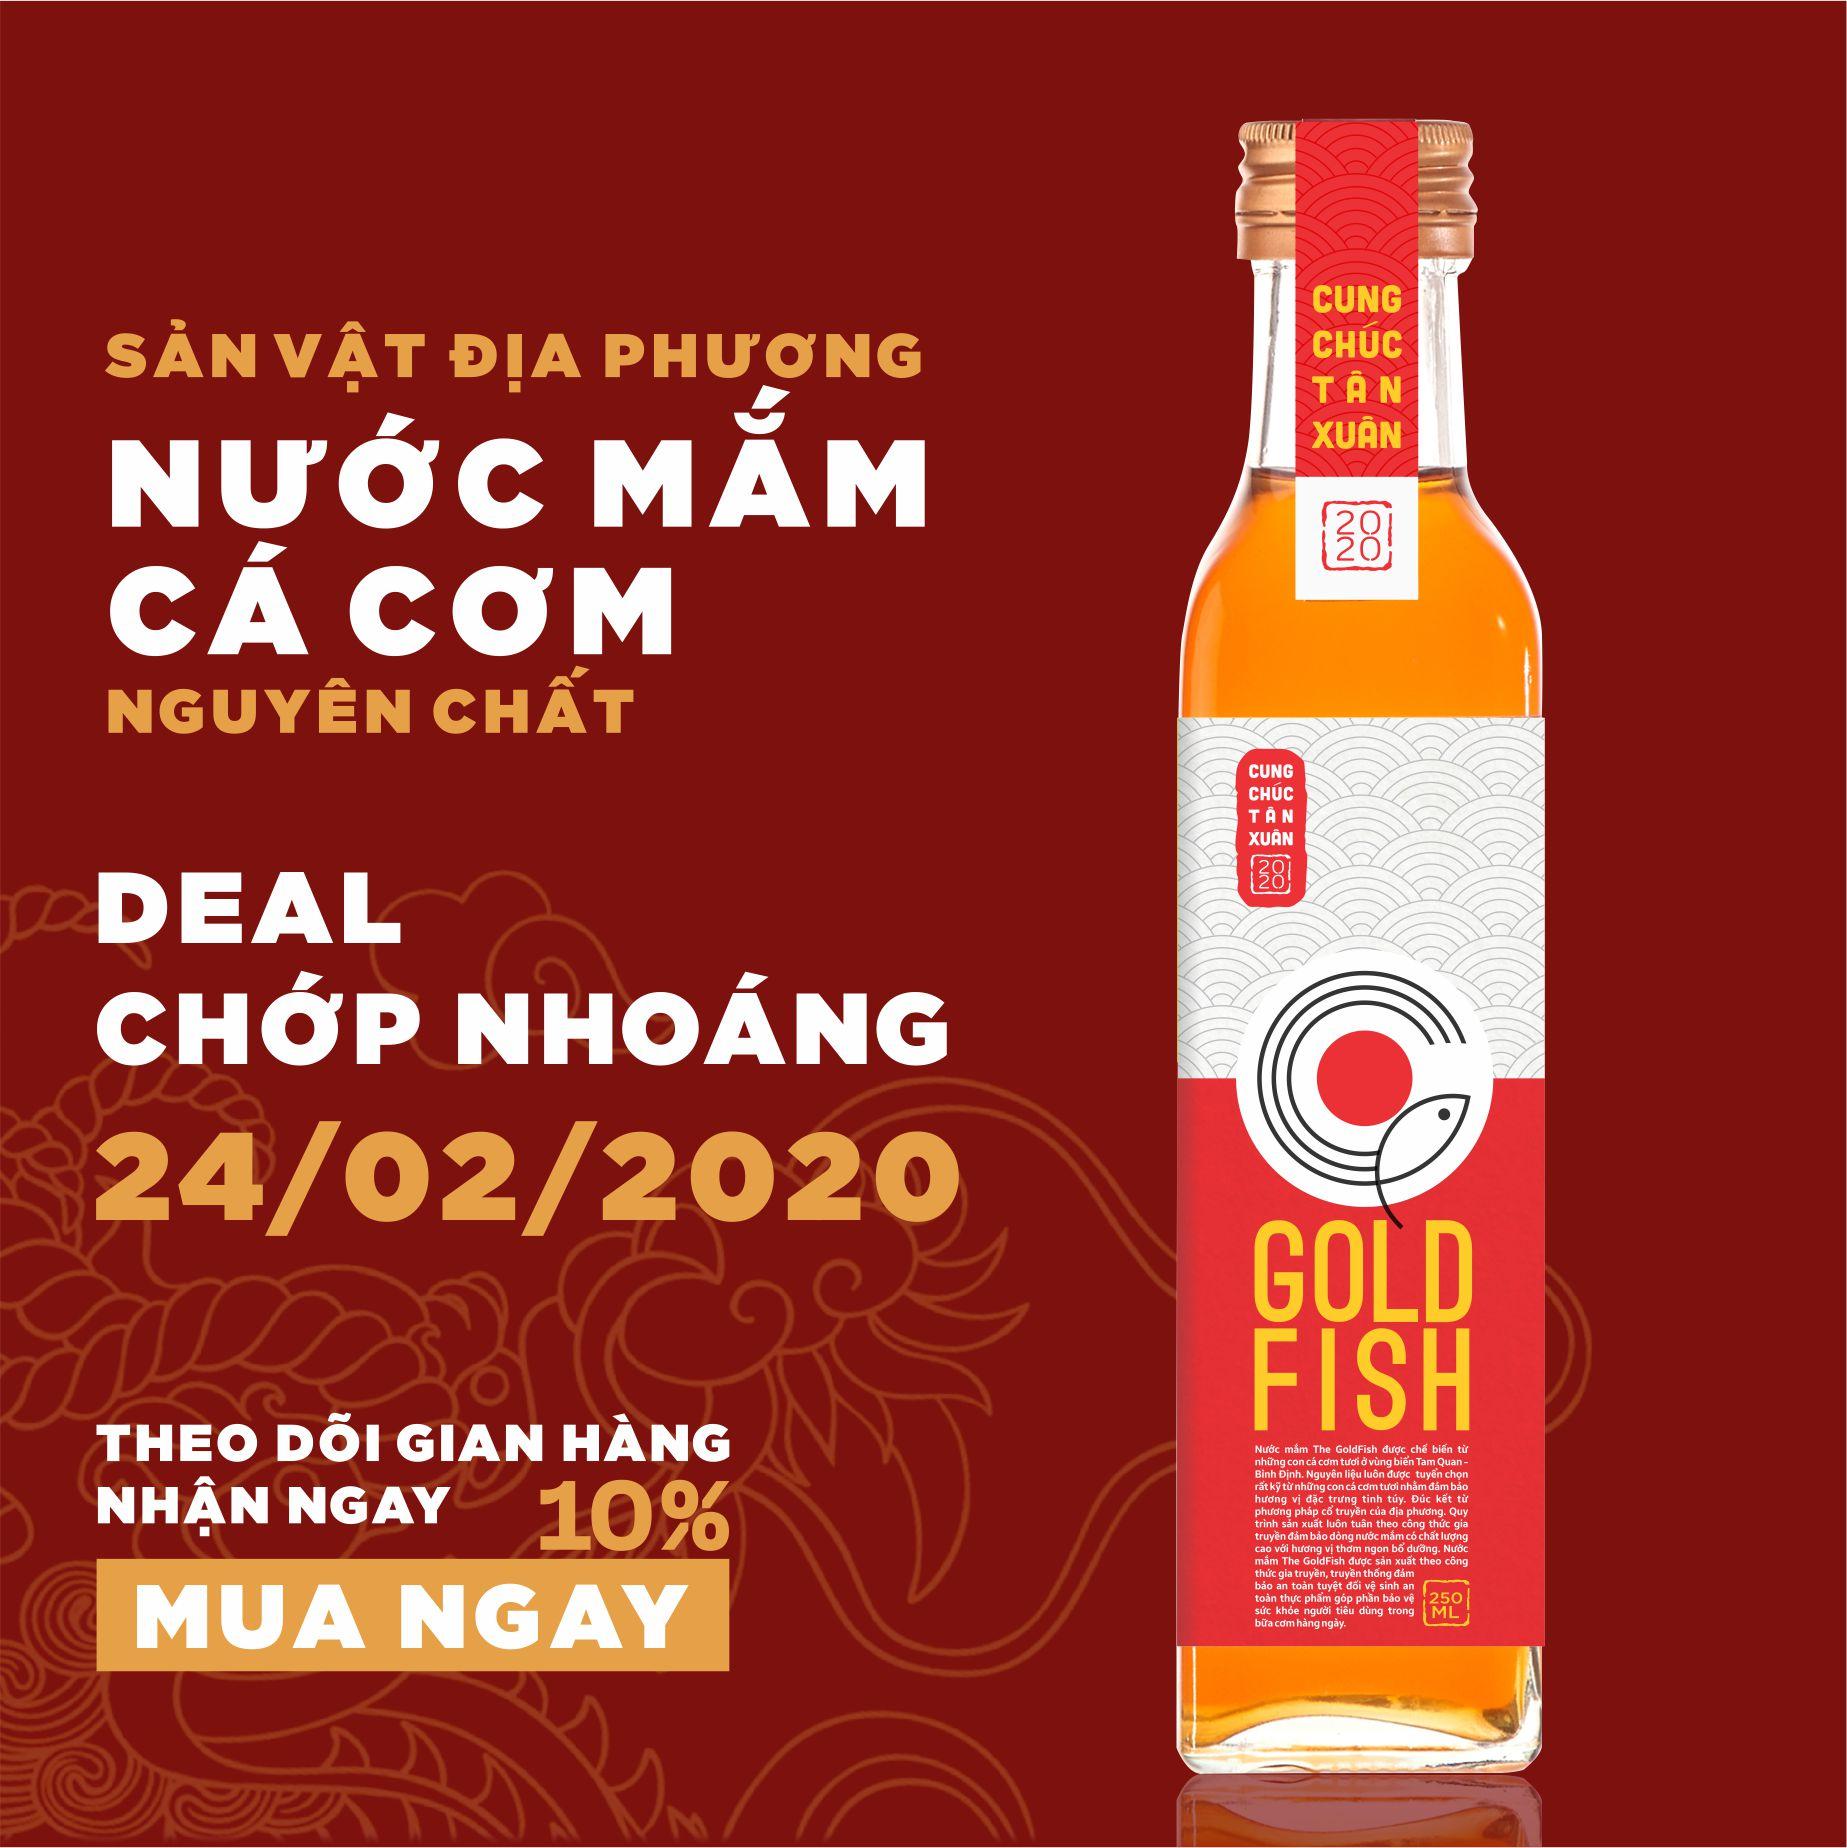 Nước Mắm Cá Cơm nguyên chất 250ml - Sản  vật địa phương - Hoài Nhơn - Bình Định - Theallvn